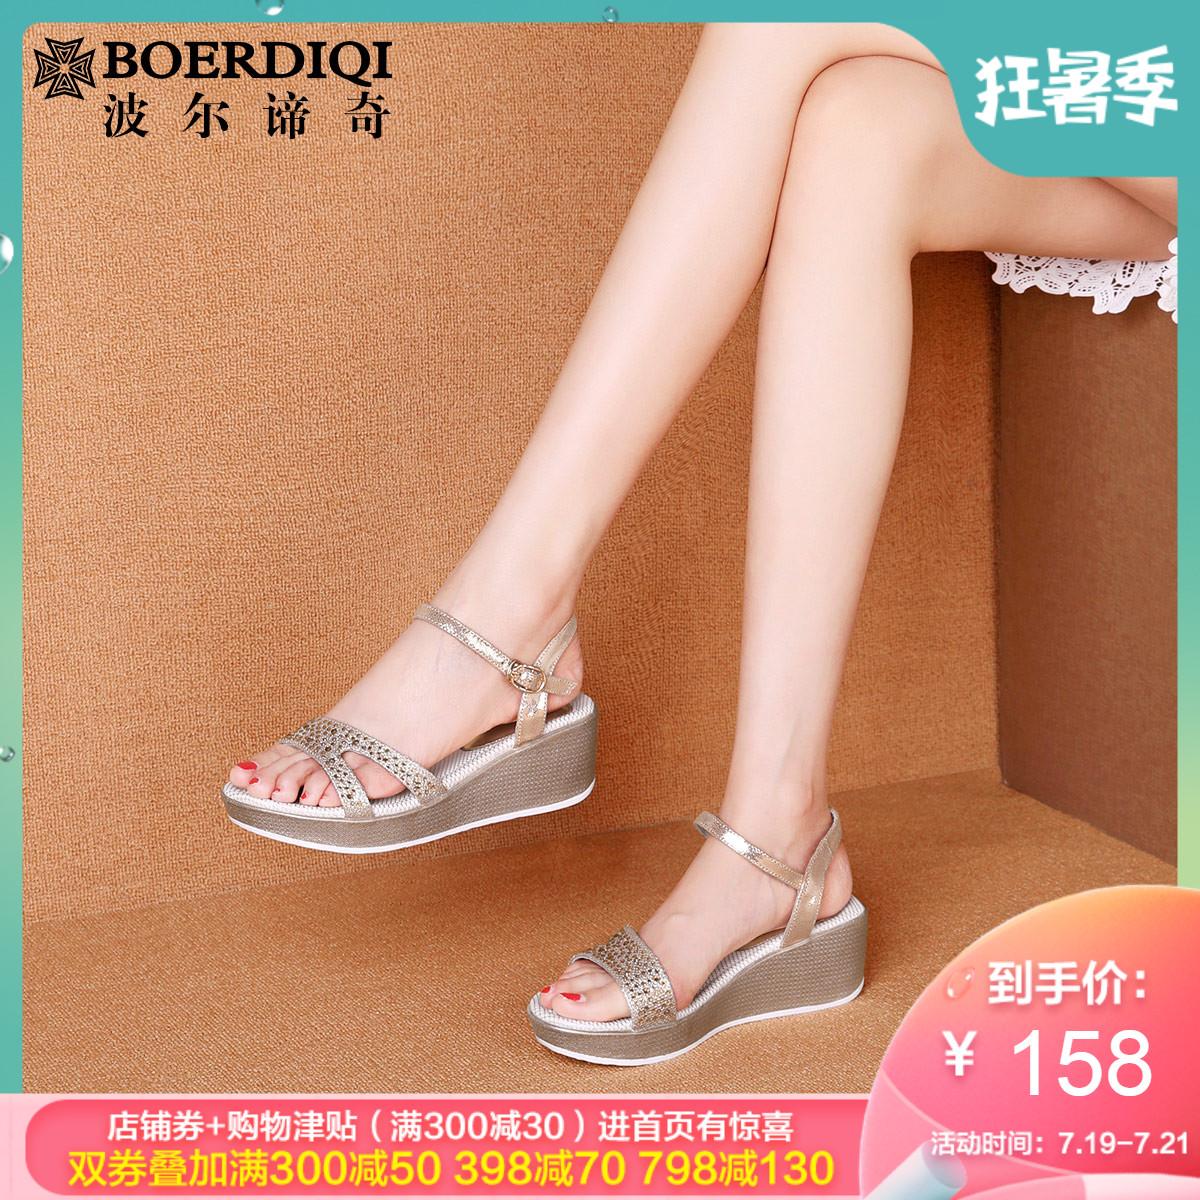 波爾諦奇時尚新款羊皮女涼鞋露趾仿水鑽歐美風中空坡跟鞋8146